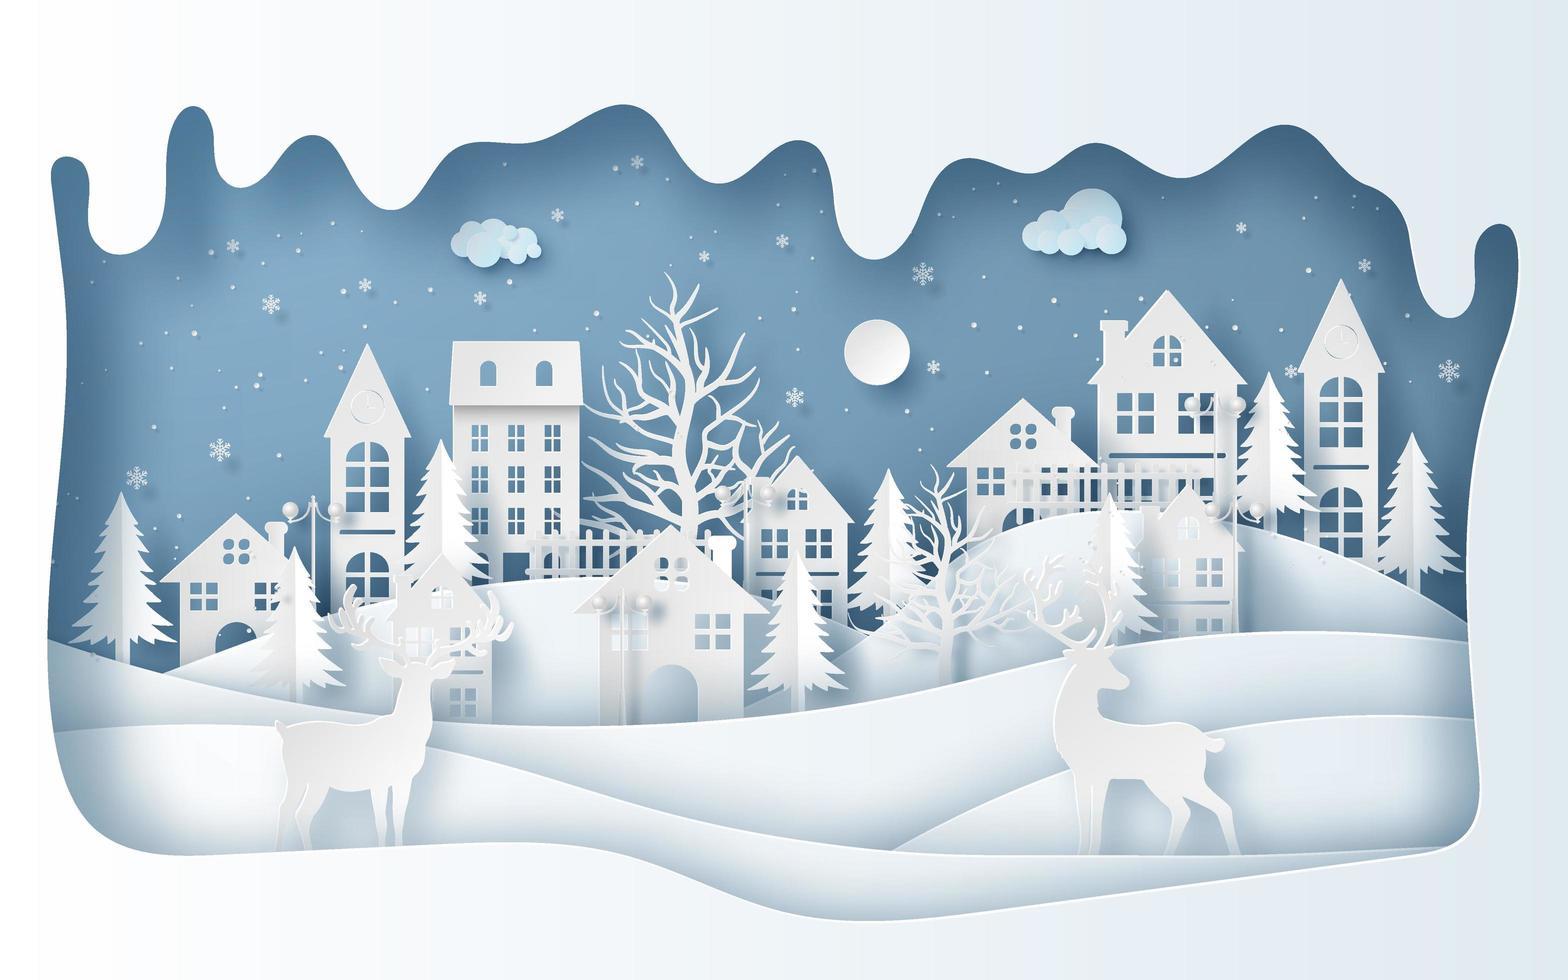 style art papier des rennes dans le village en saison d'hiver vecteur